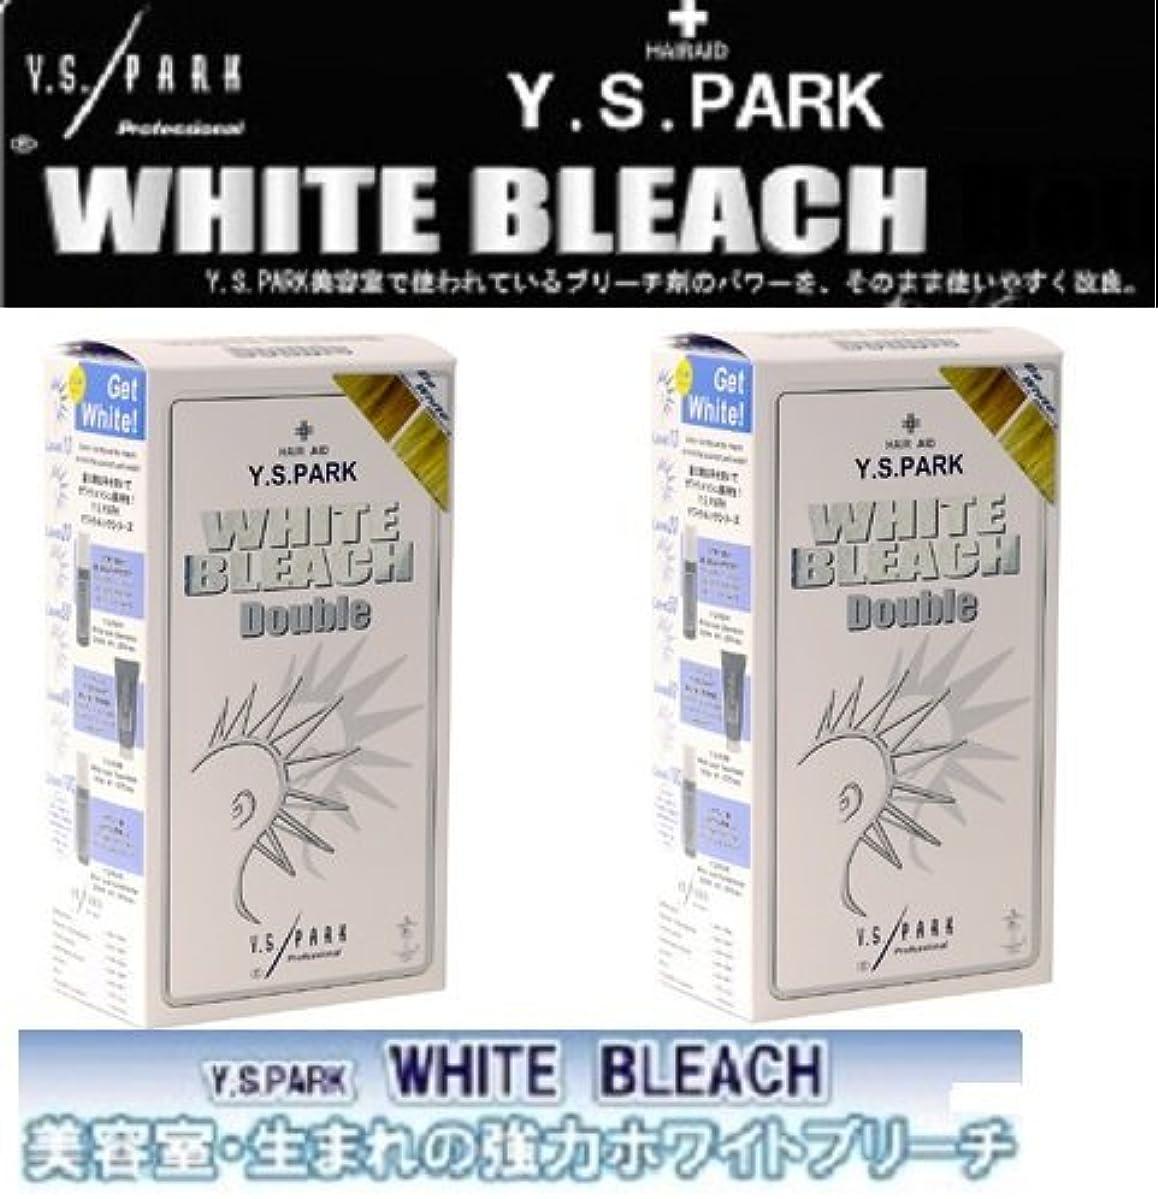 農夫有害不確実Y.S.パーク ホワイトブリーチ ダブル60g(お得な2個組)美容室生まれの強力ホワイトブリーチ?強力ホワイトブリーチに大容量サイズが登場!